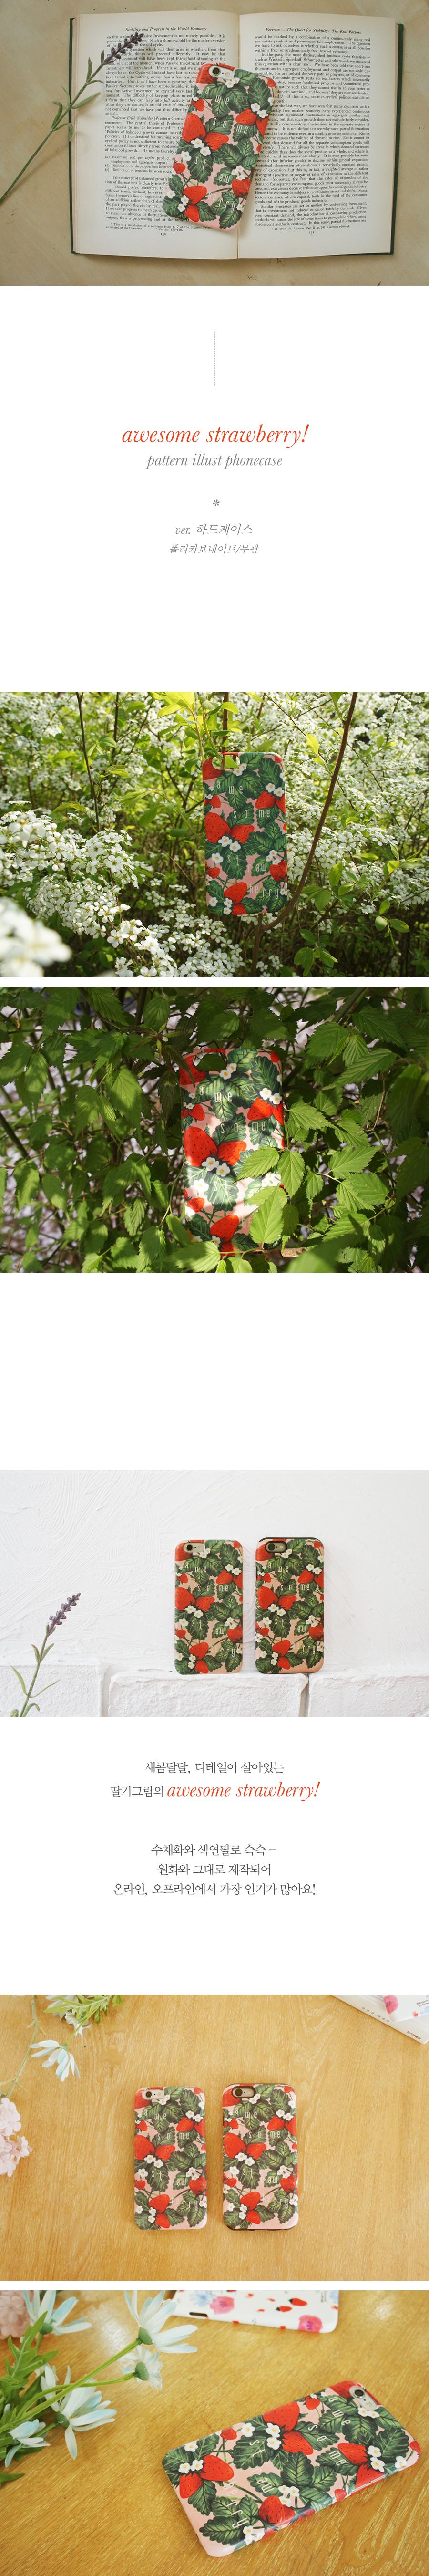 하드케이스-awesome strawberry - 어썸스트로베리, 20,000원, 케이스, 아이폰6S/6S플러스